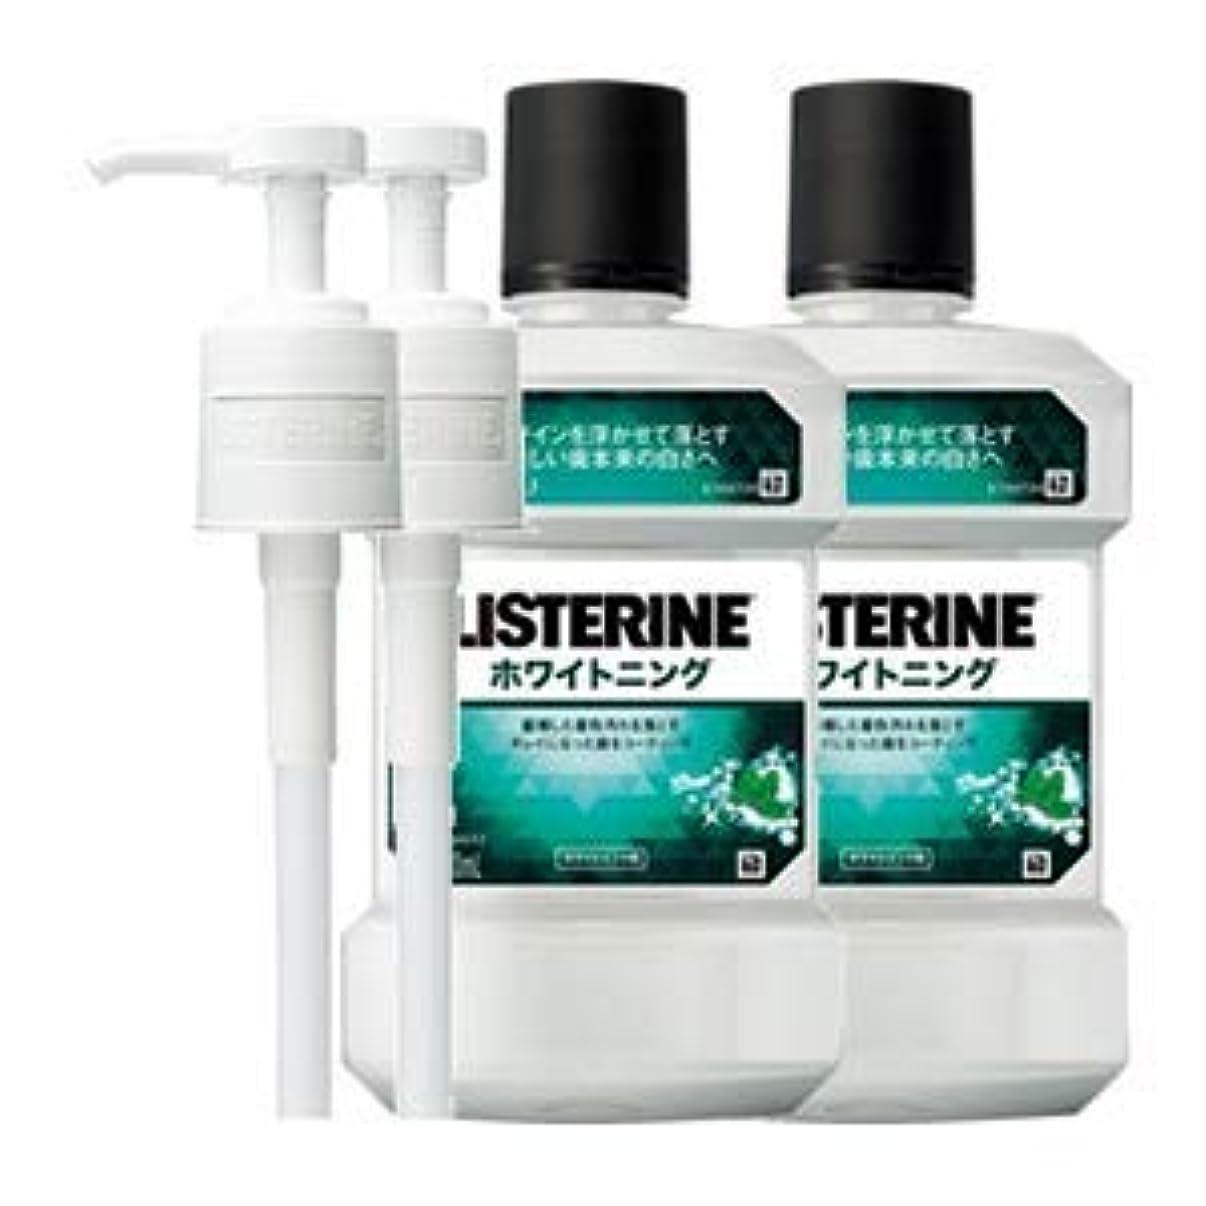 生き物甘い上級薬用 リステリン ホワイトニング (液体歯磨) 1000mL 2点セット (ポンプ付)